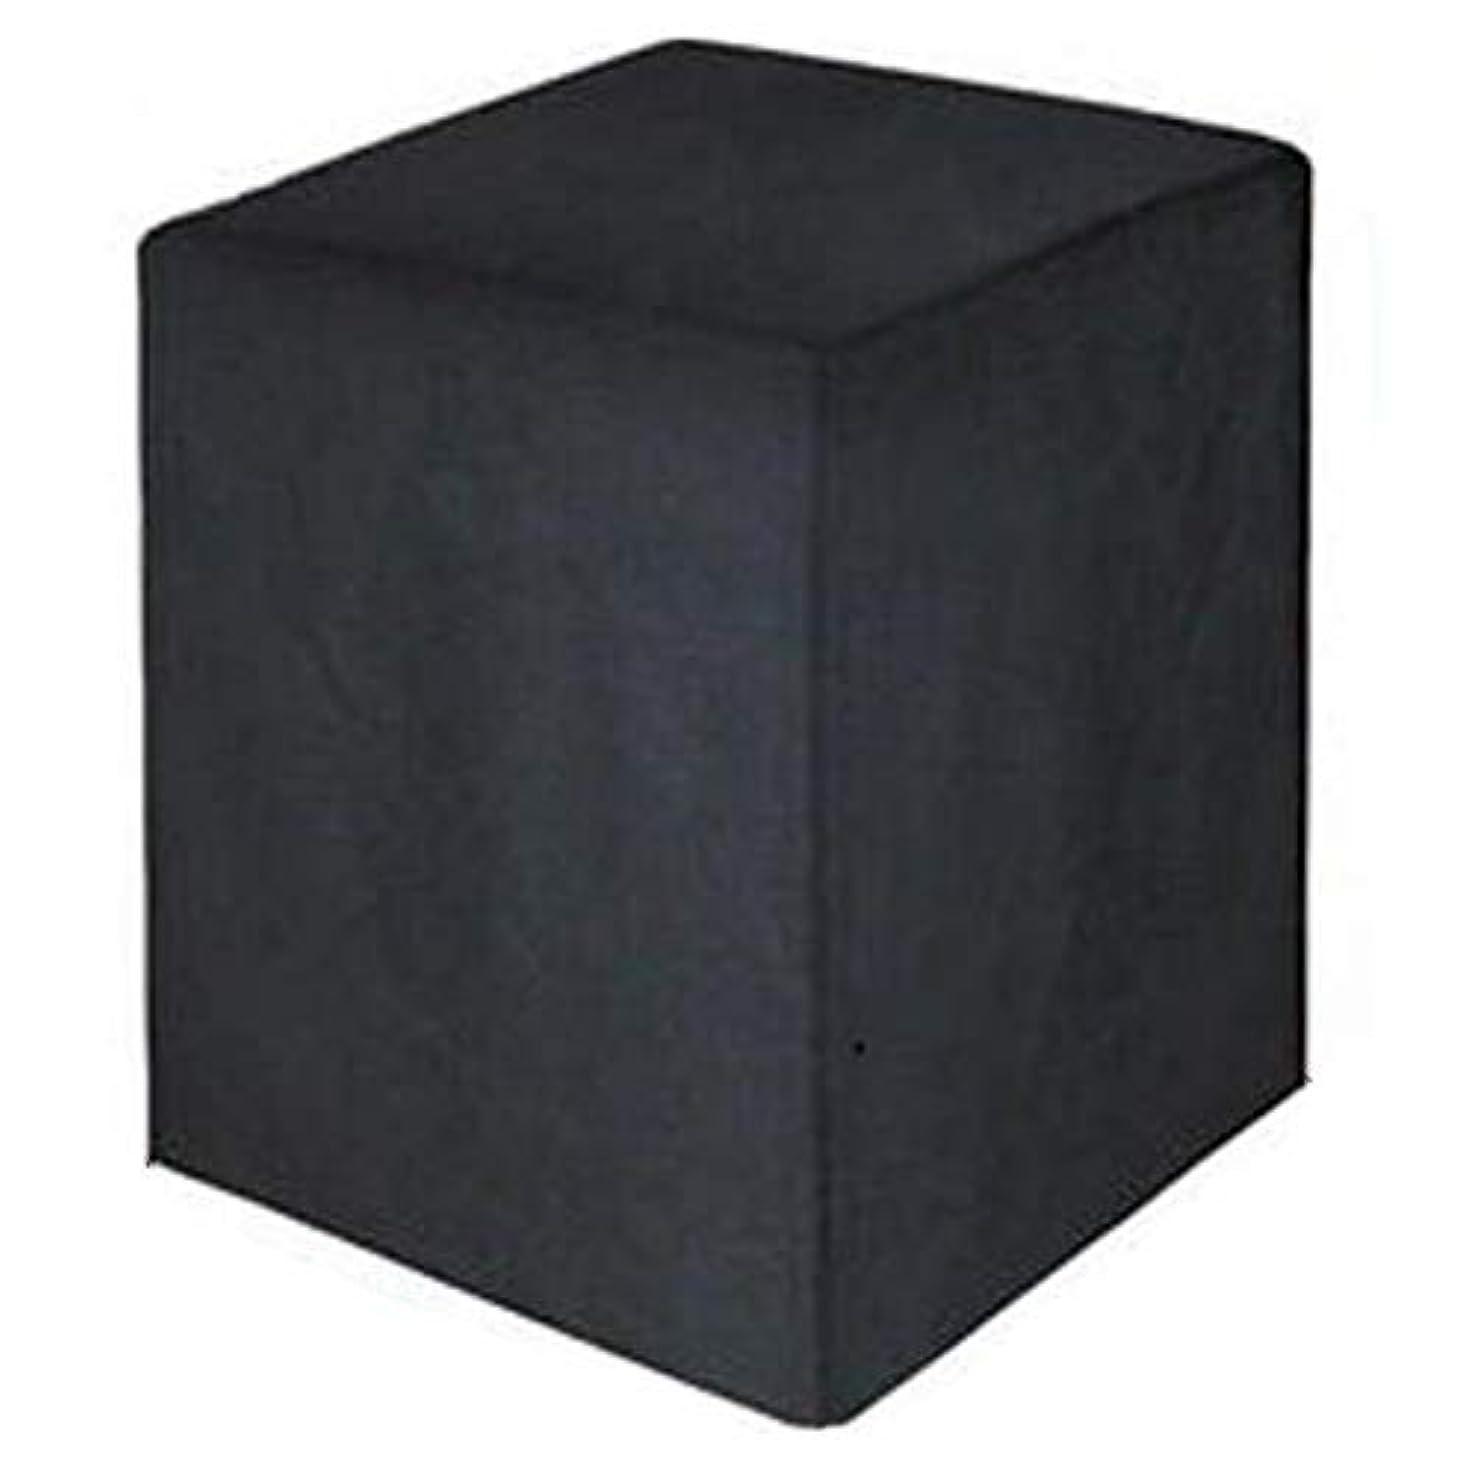 恥ずかしさ説得力のある実質的にXINGZHE 防塵カバー - 屋外オックスフォード布防水および防塵庭の家具カバー、中庭ヘビーデューティガスグリルカバー - ブラック ダストカバー (サイズ さいず : 68x68x72CM)